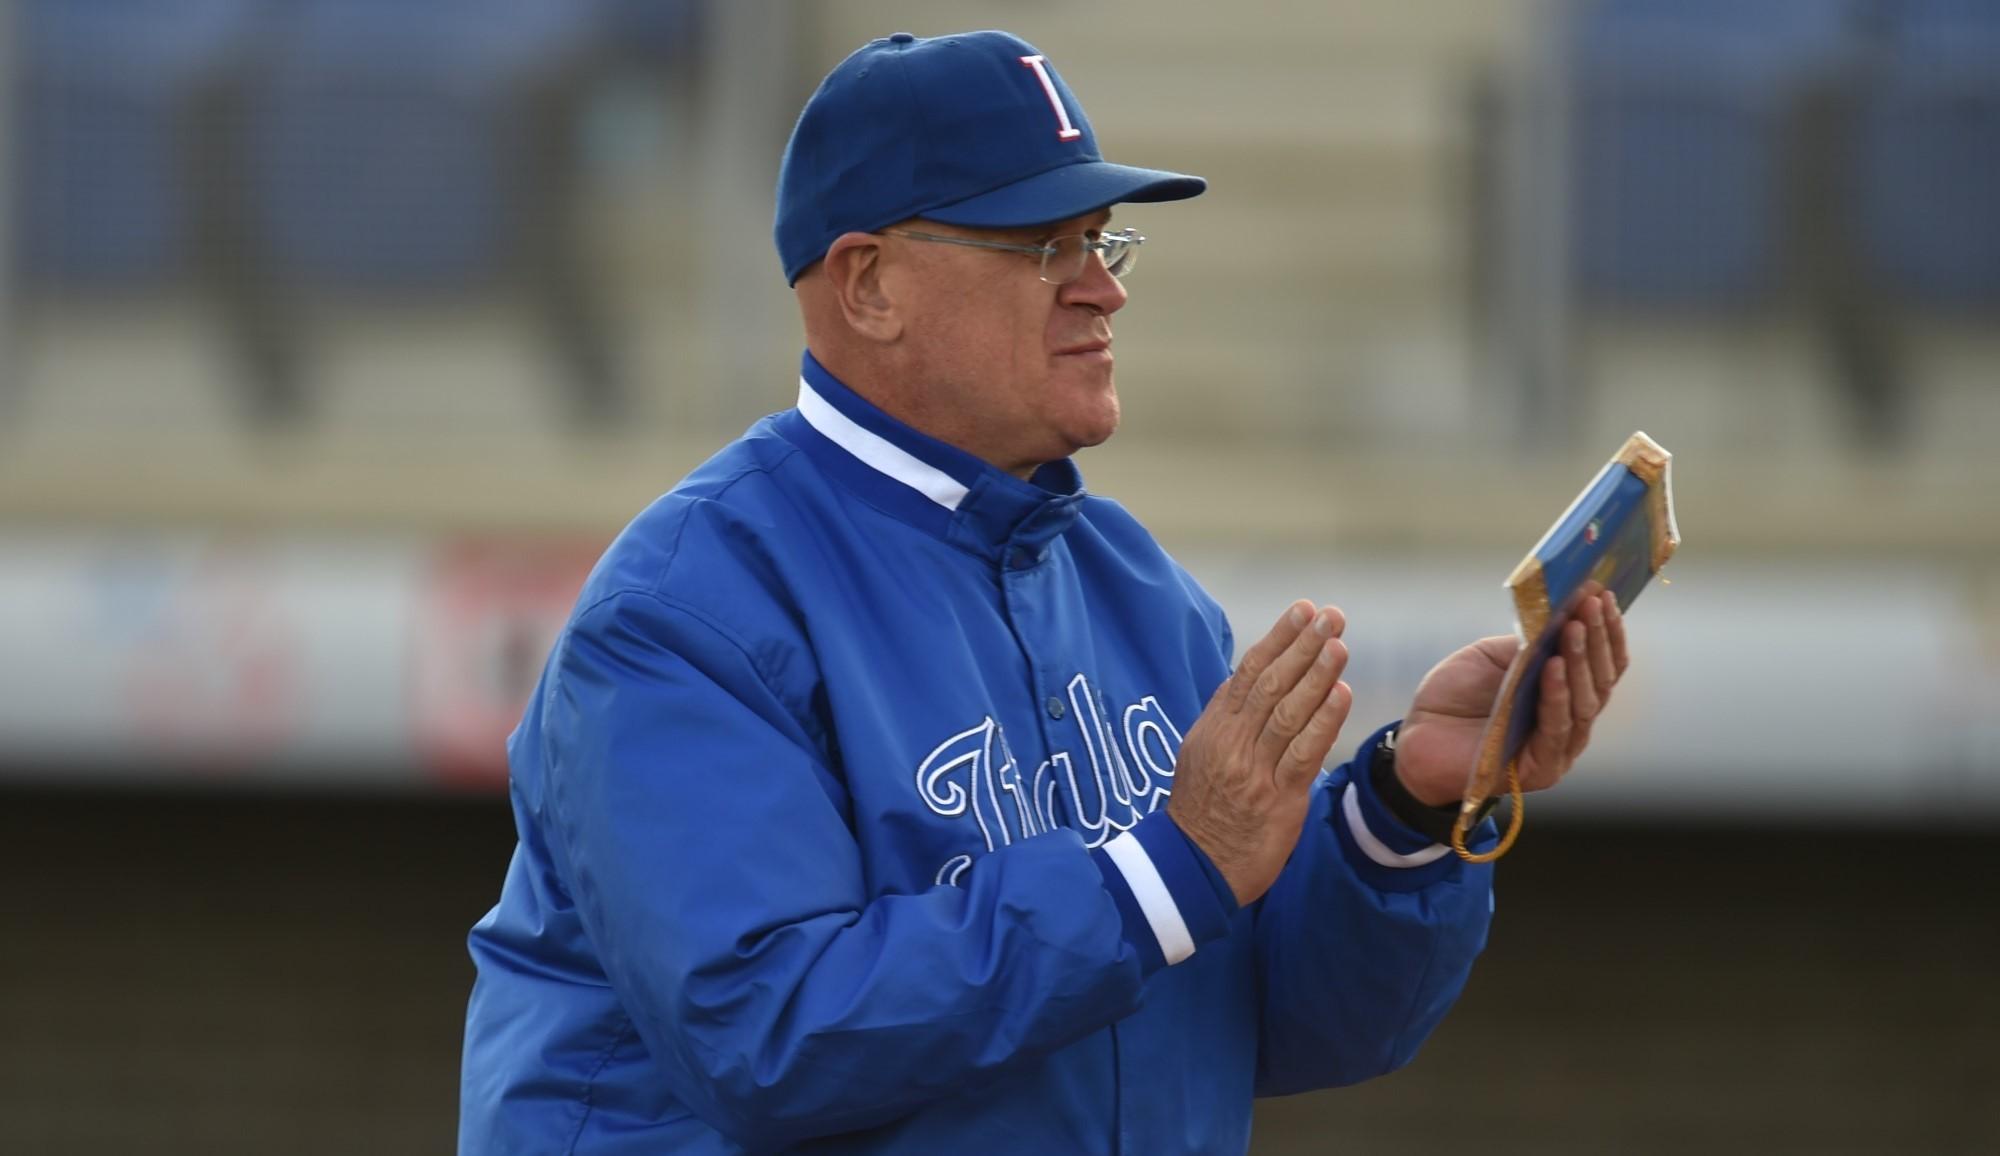 Gilberto Gerali Baseball